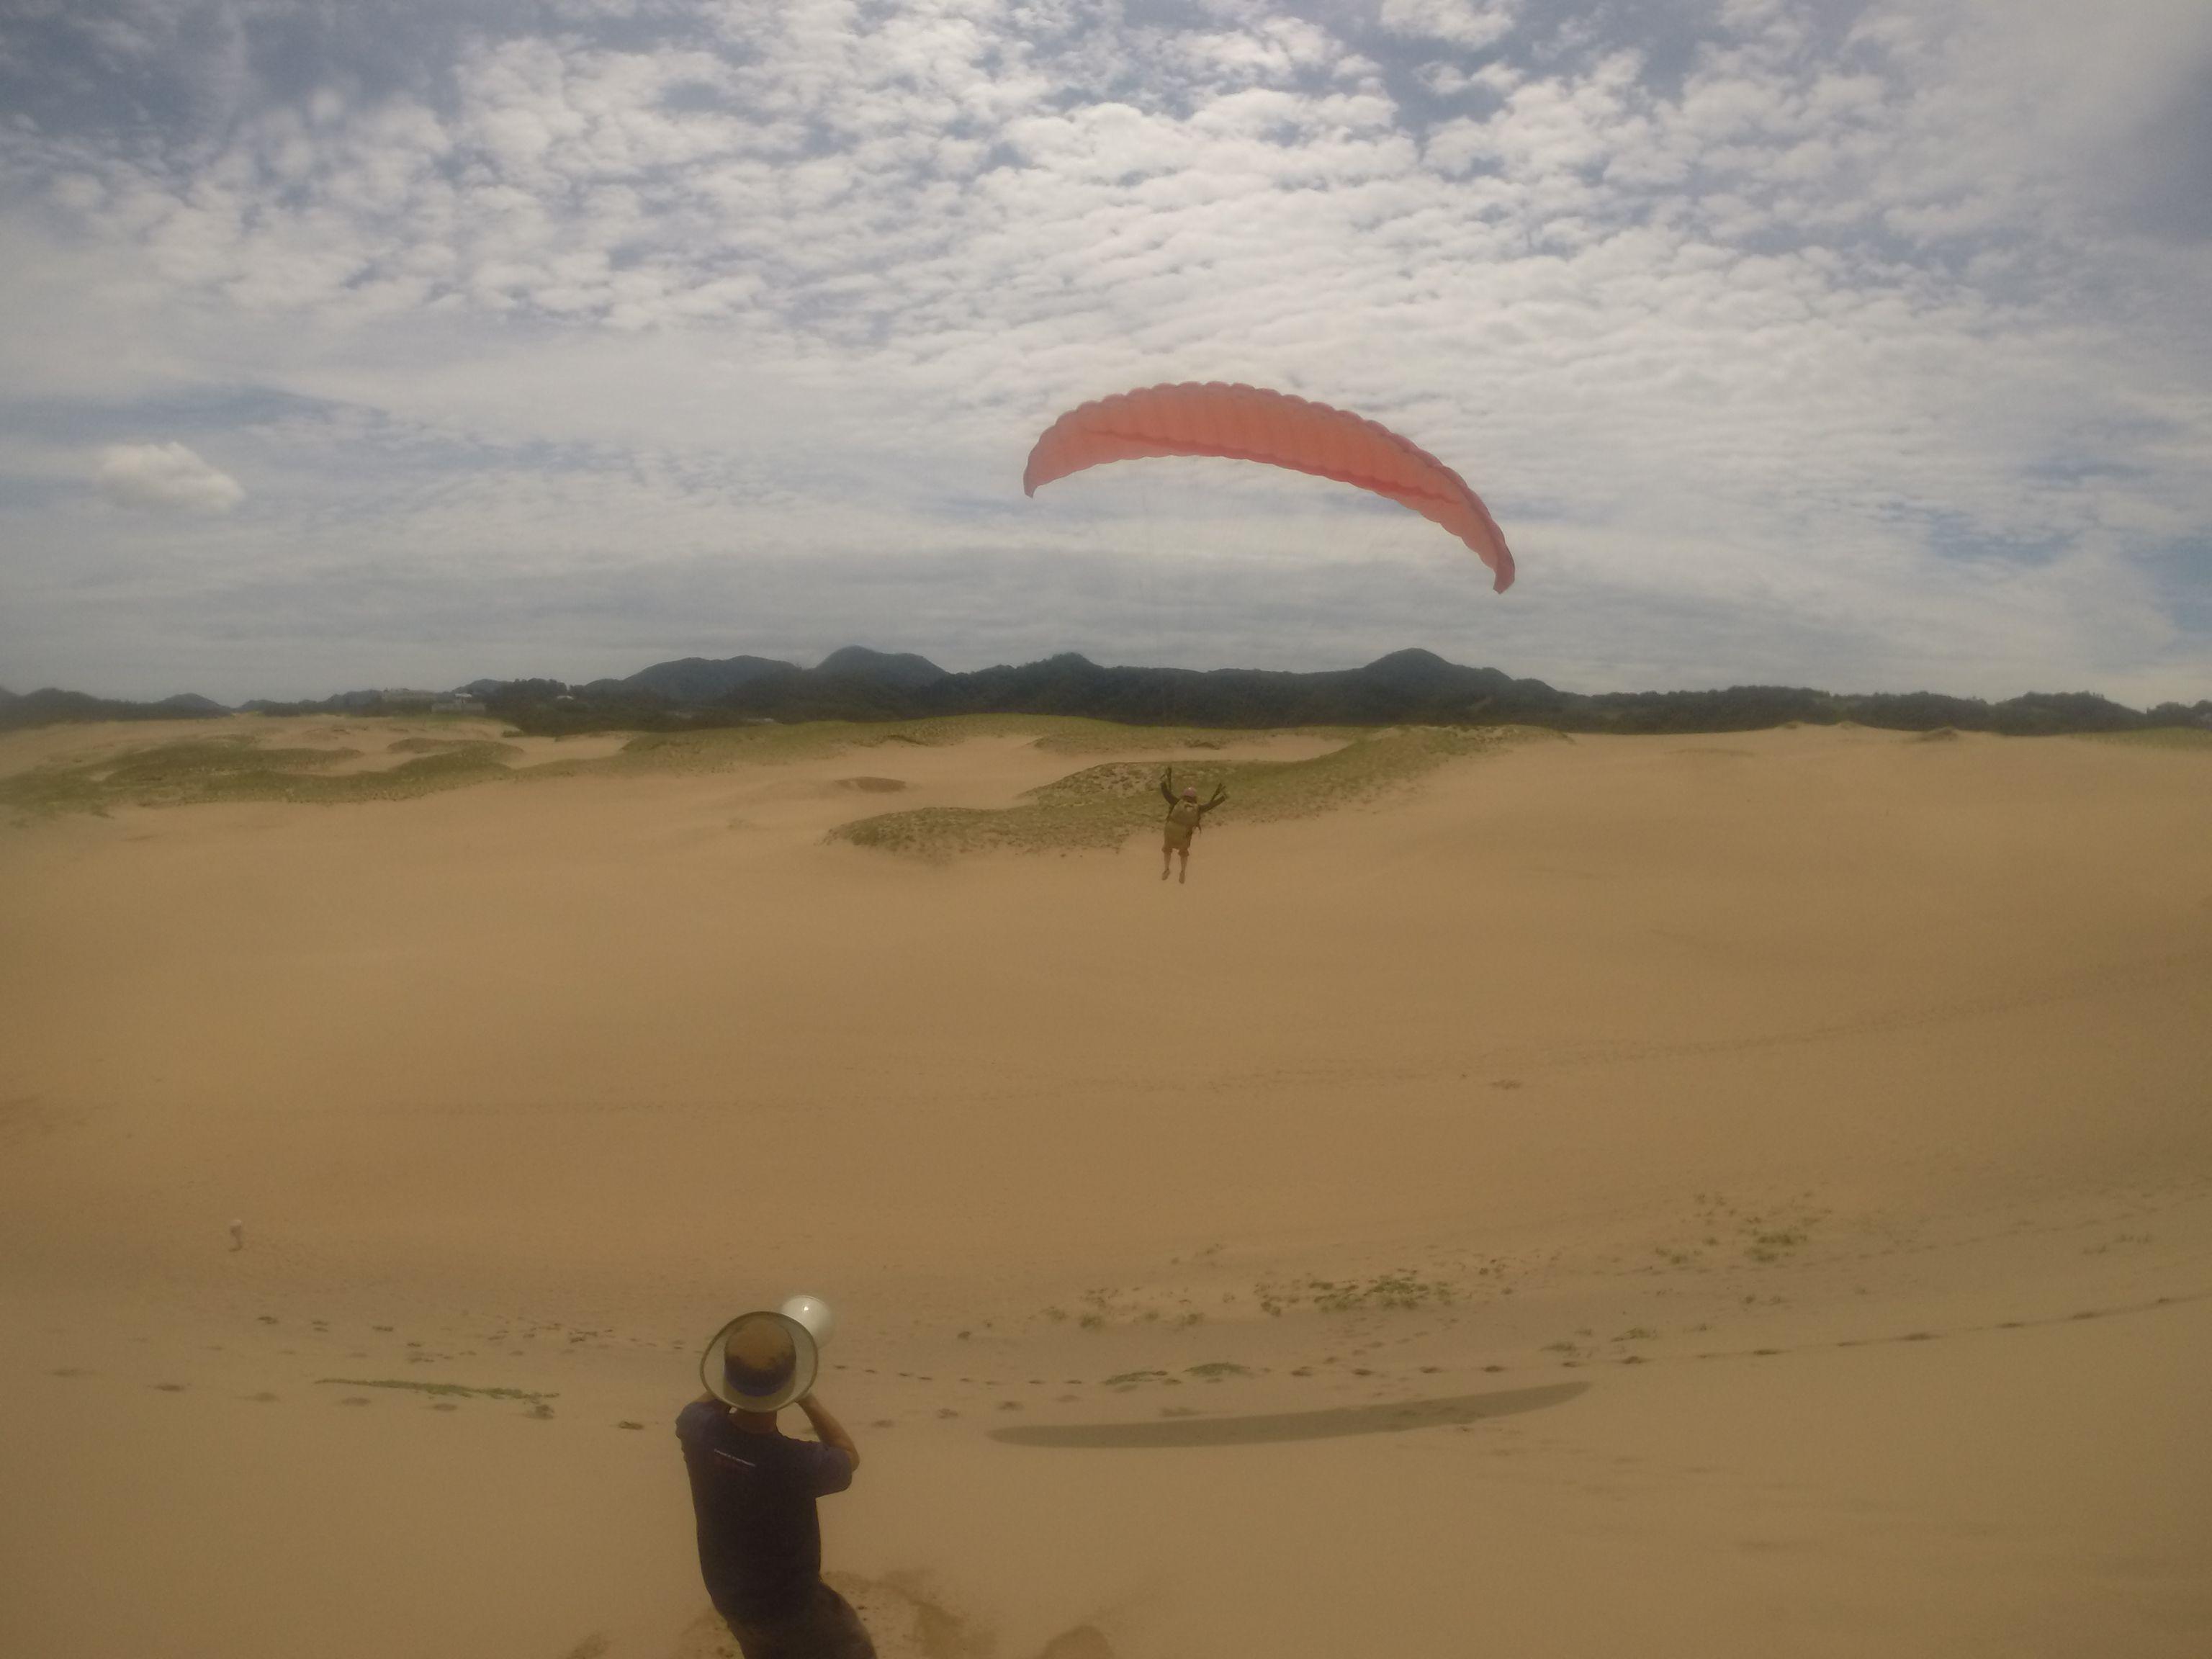 しっかり風に乗って爽快な飛行